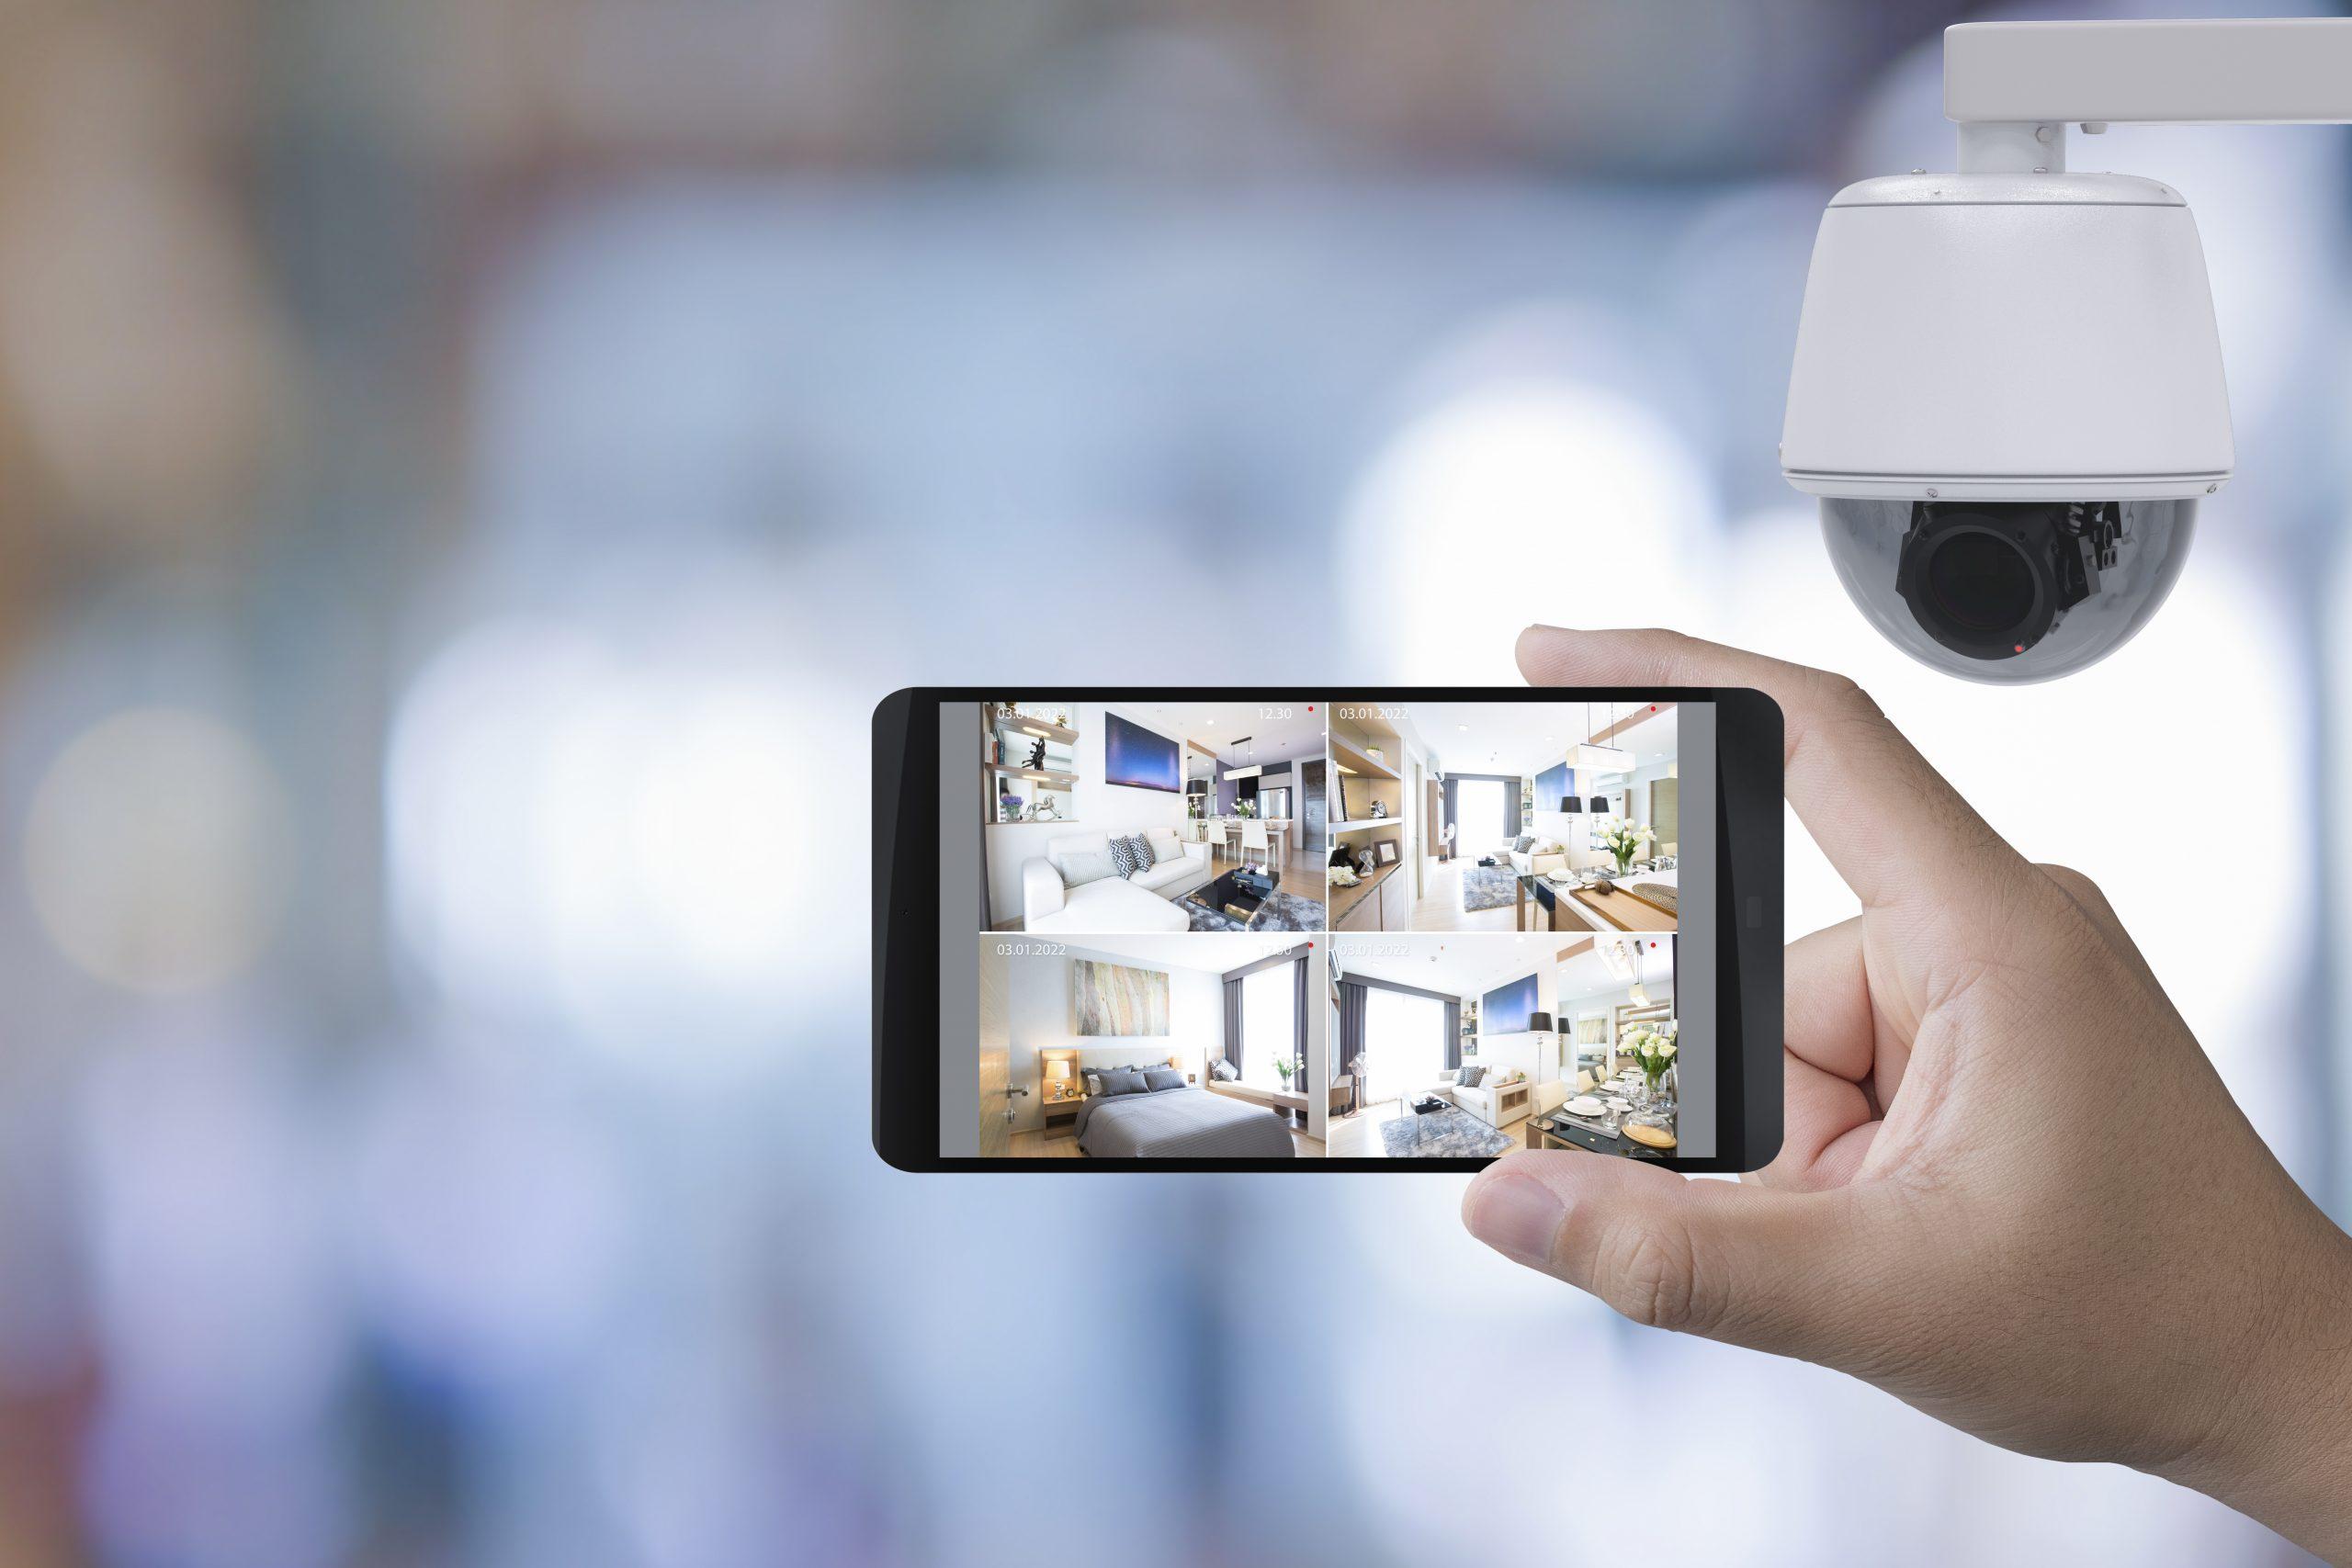 Überwachungskamera mit Monitor: Test & Empfehlungen (04/21)